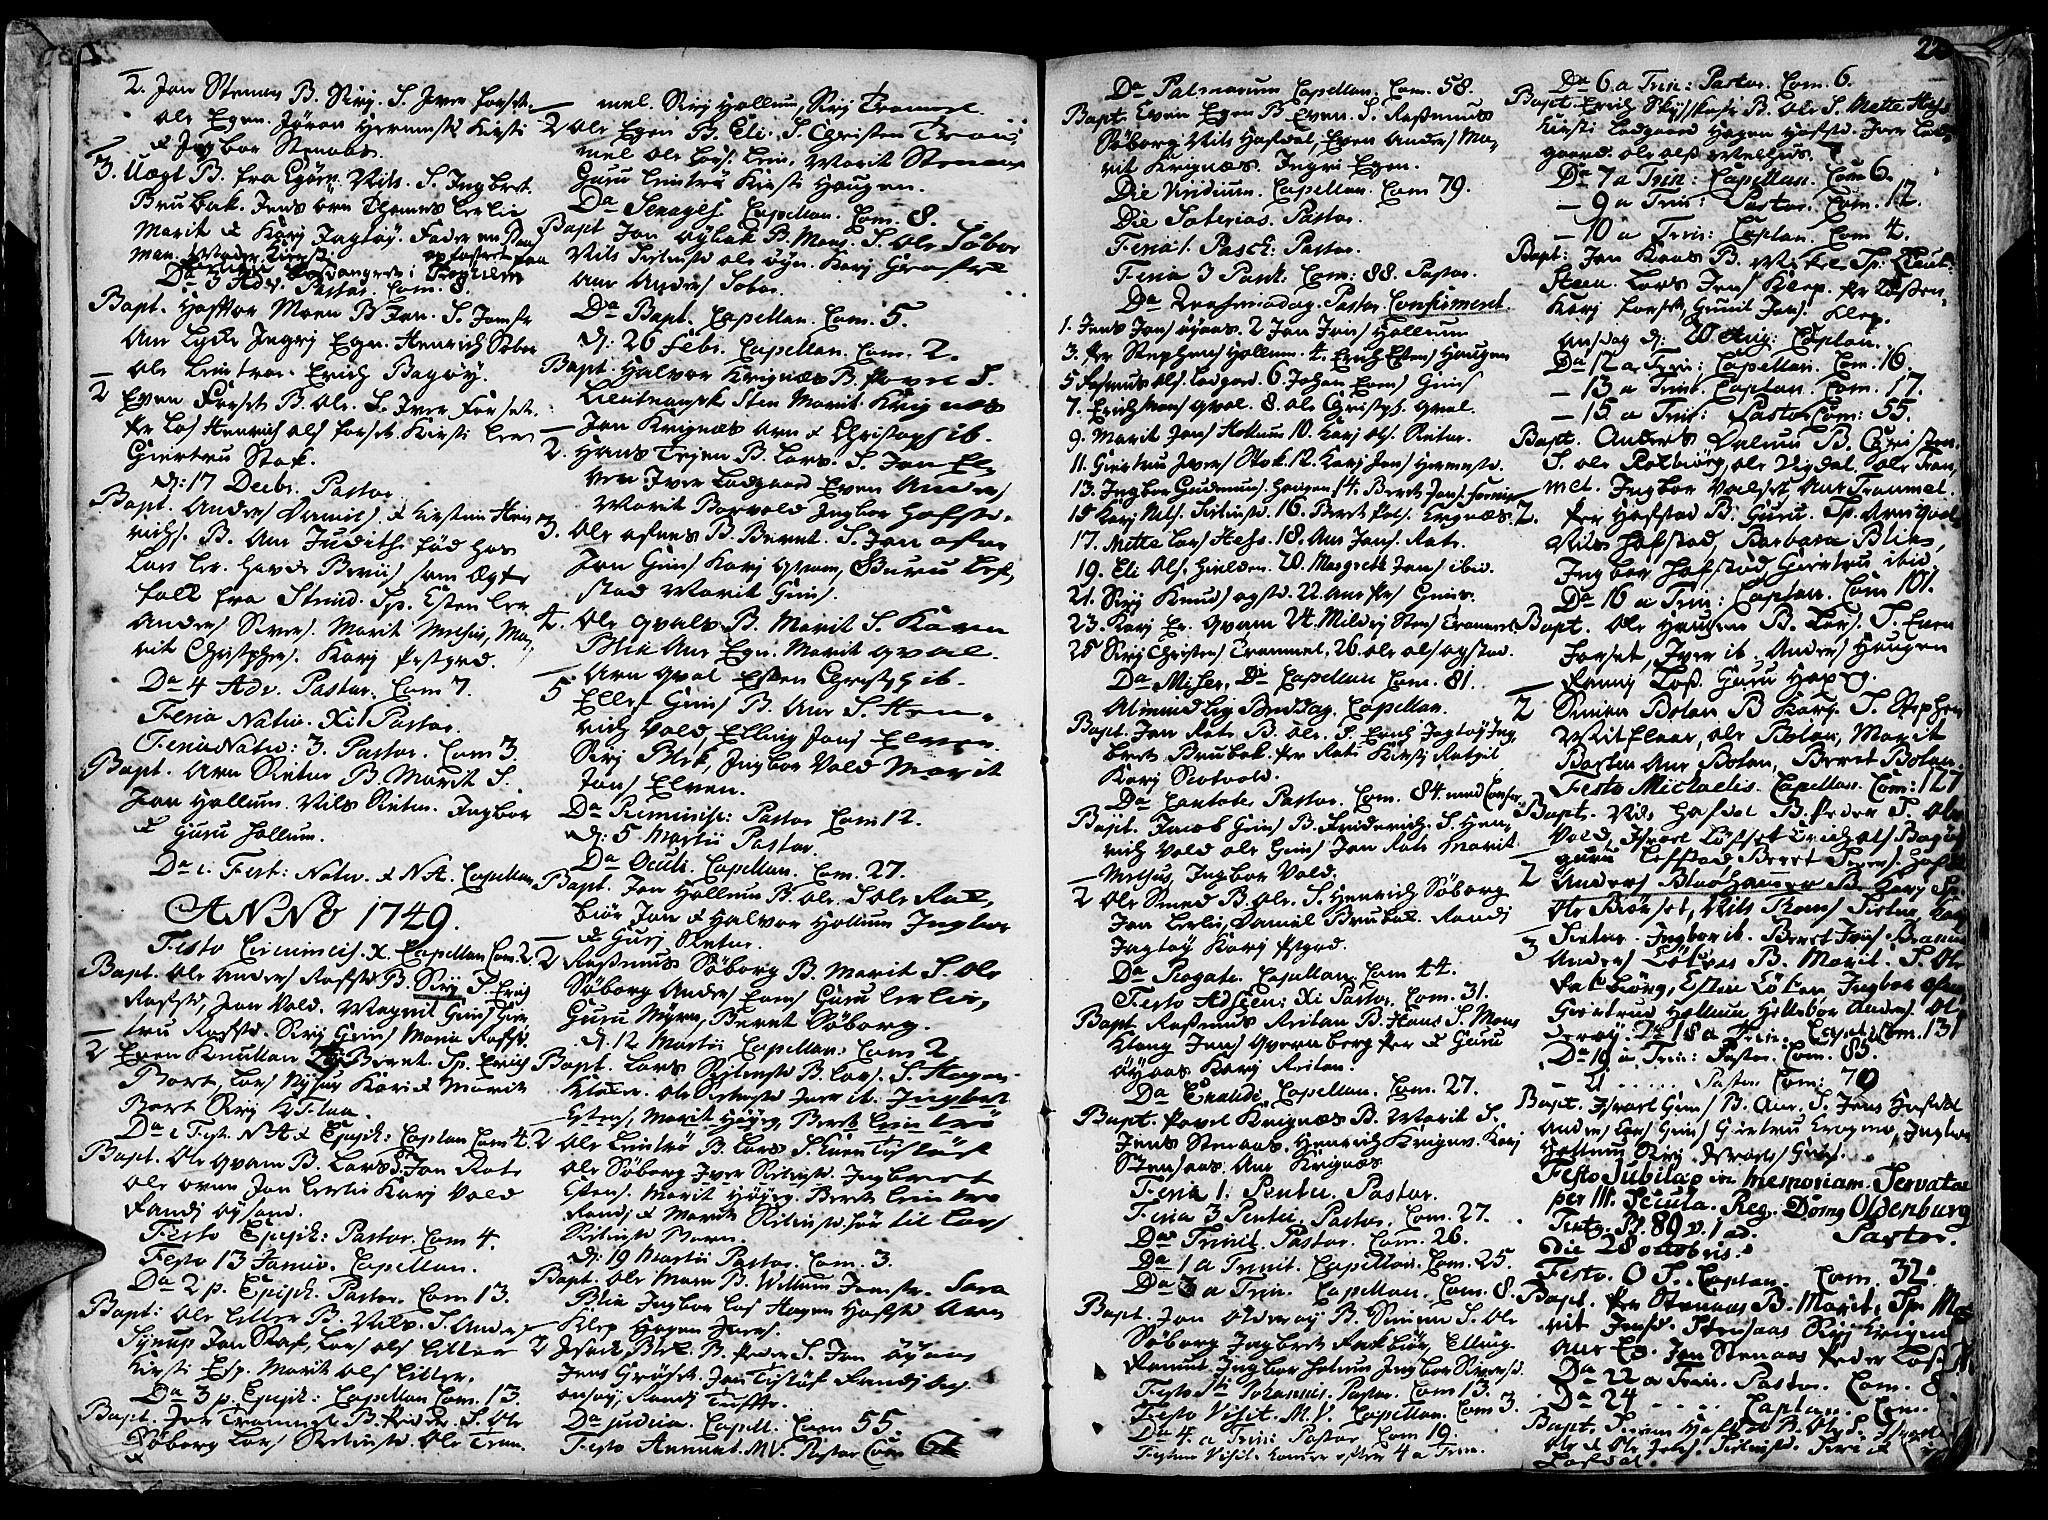 SAT, Ministerialprotokoller, klokkerbøker og fødselsregistre - Sør-Trøndelag, 691/L1057: Ministerialbok nr. 691A01 /1, 1740-1767, s. 23